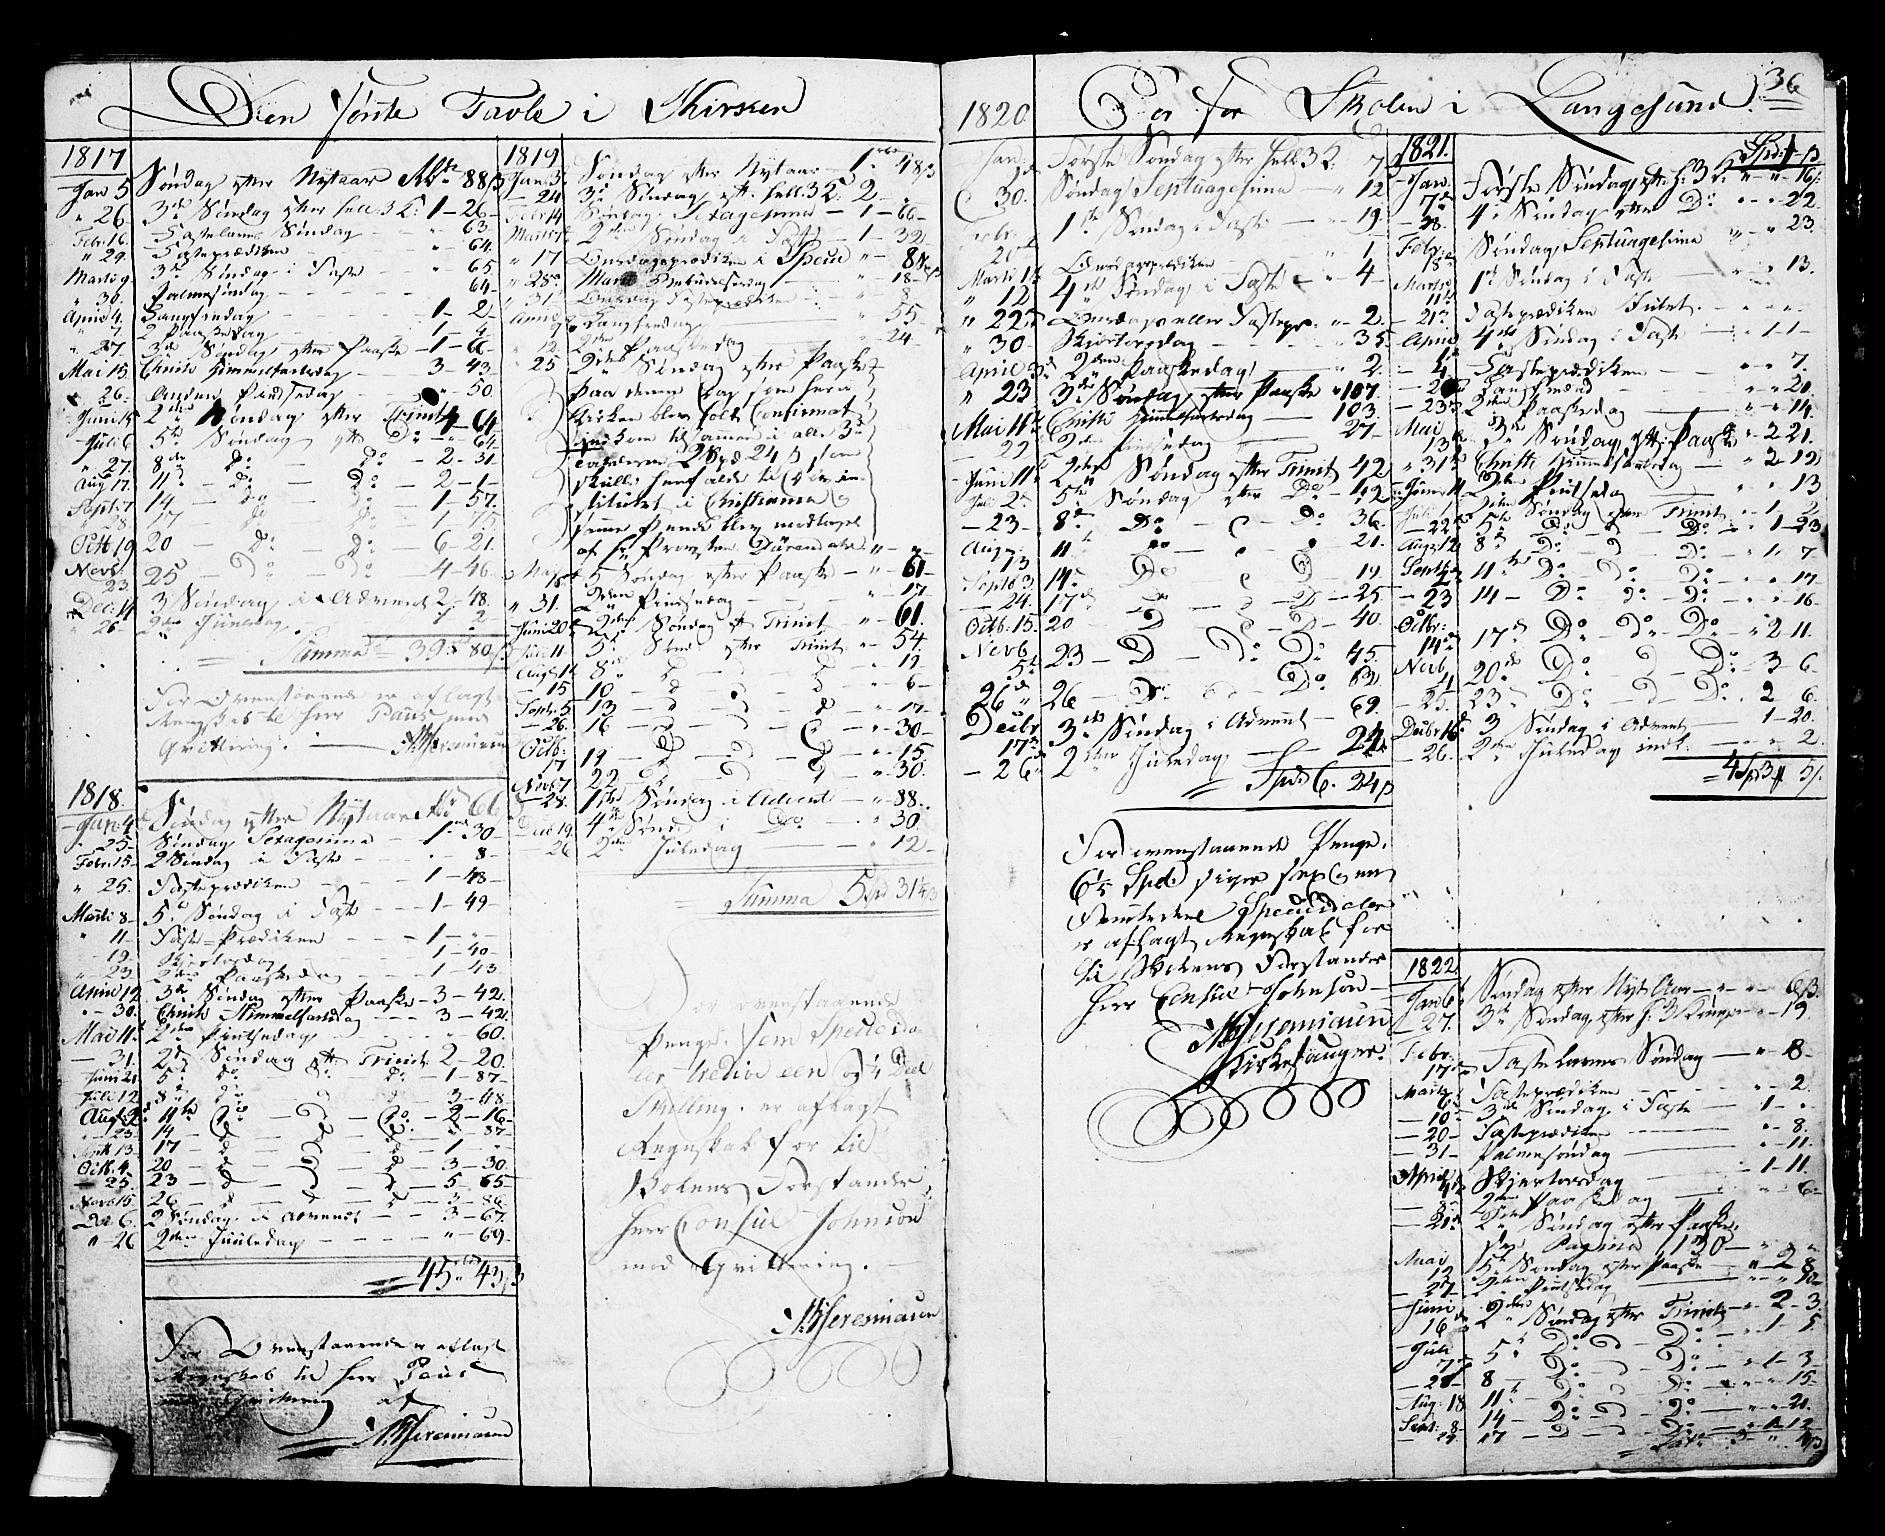 SAKO, Langesund kirkebøker, G/Ga/L0002: Klokkerbok nr. 2, 1801-1815, s. 136